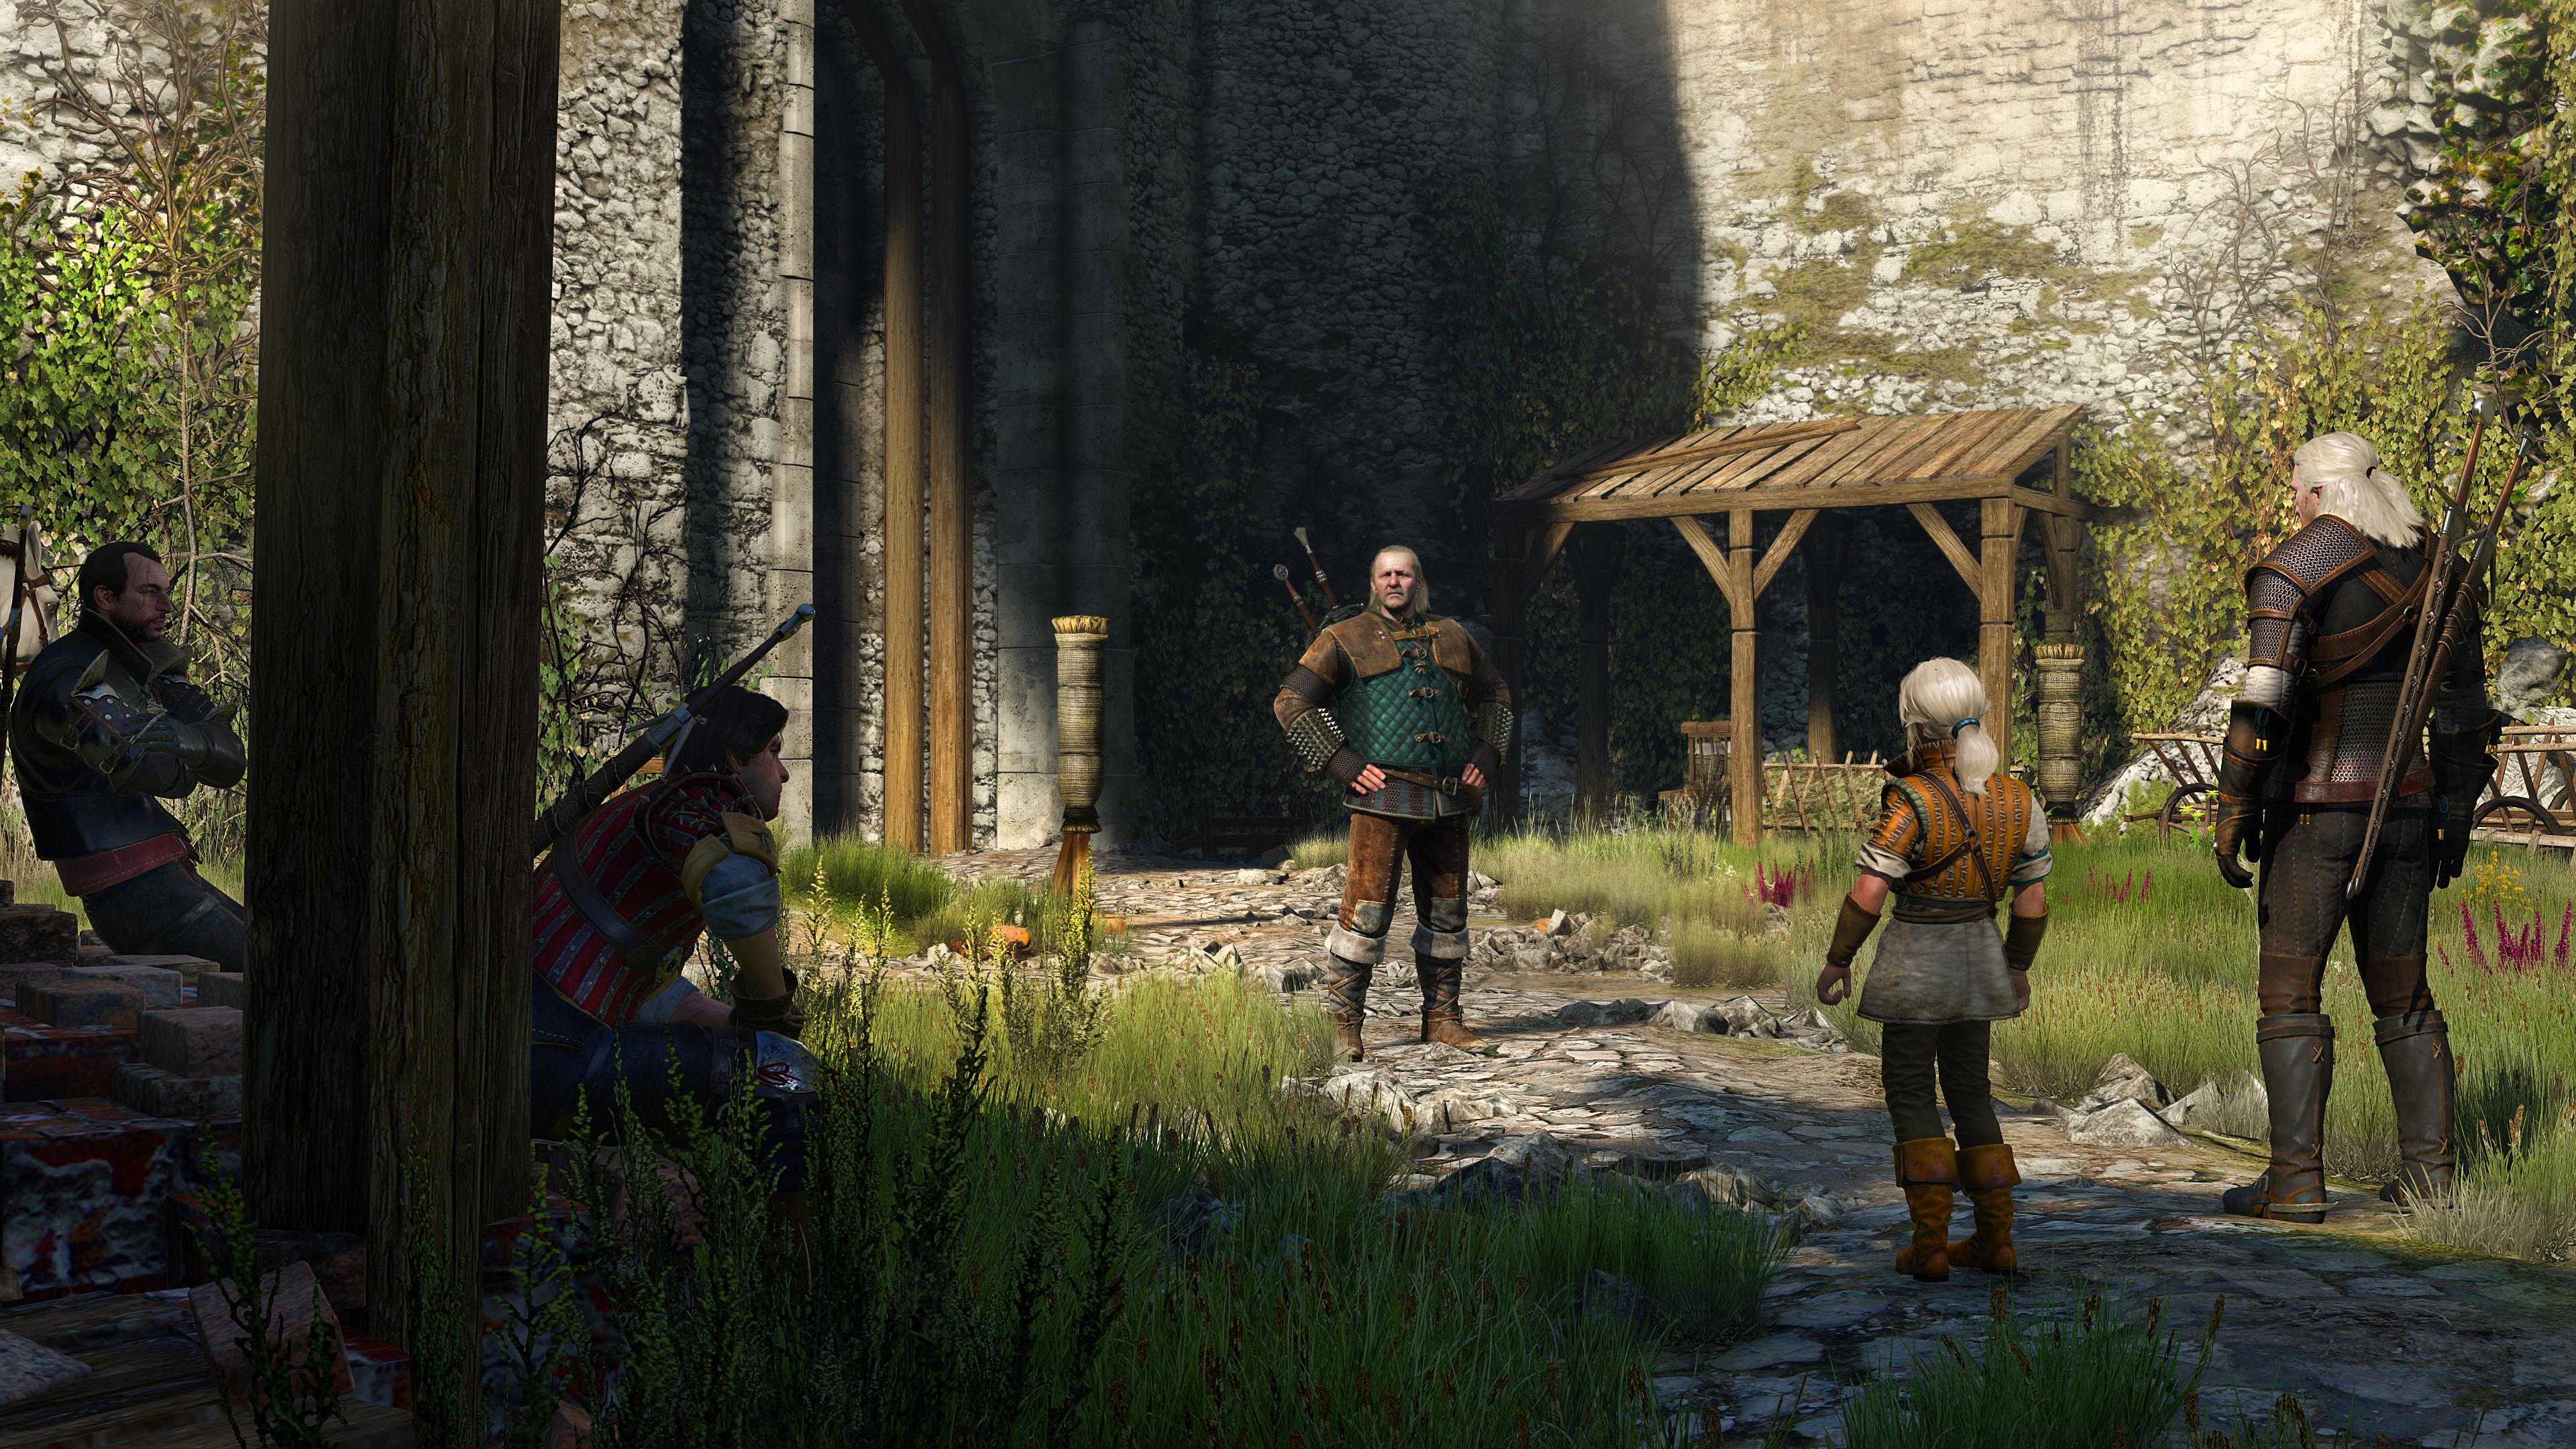 Revelado el otro personaje jugable en The Witcher 3: The Wild Hunt [Screenshots]